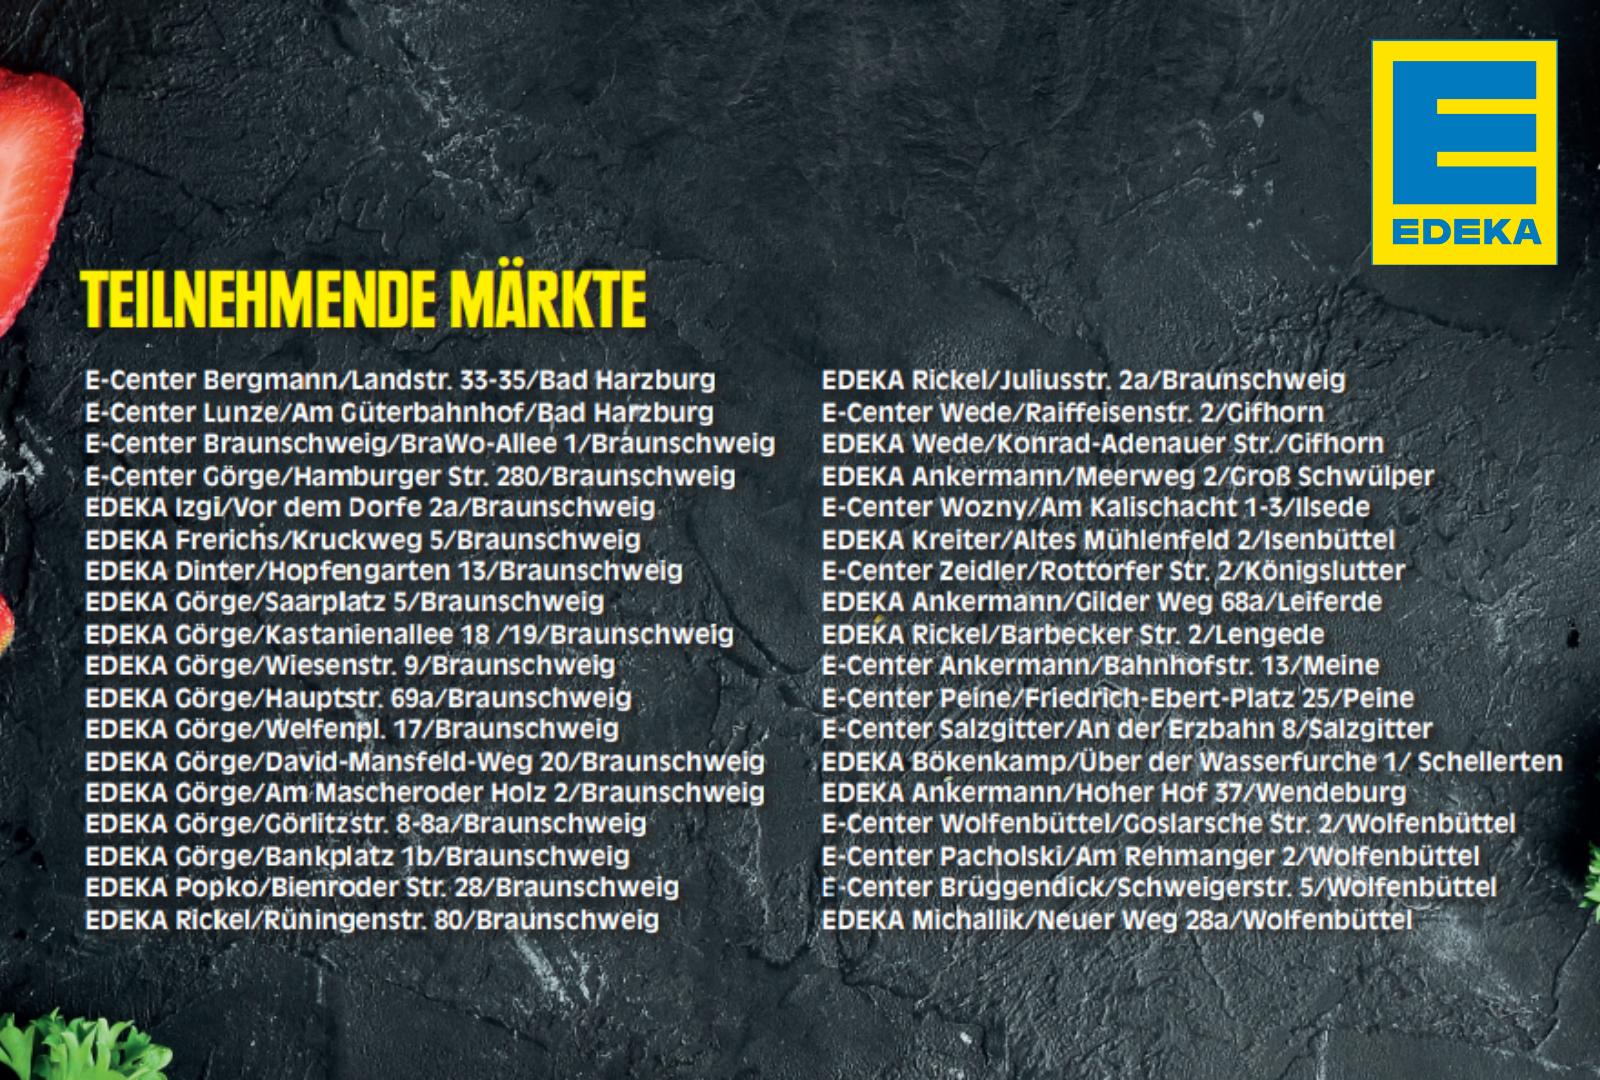 Teilnehmende EDEKA Märkte